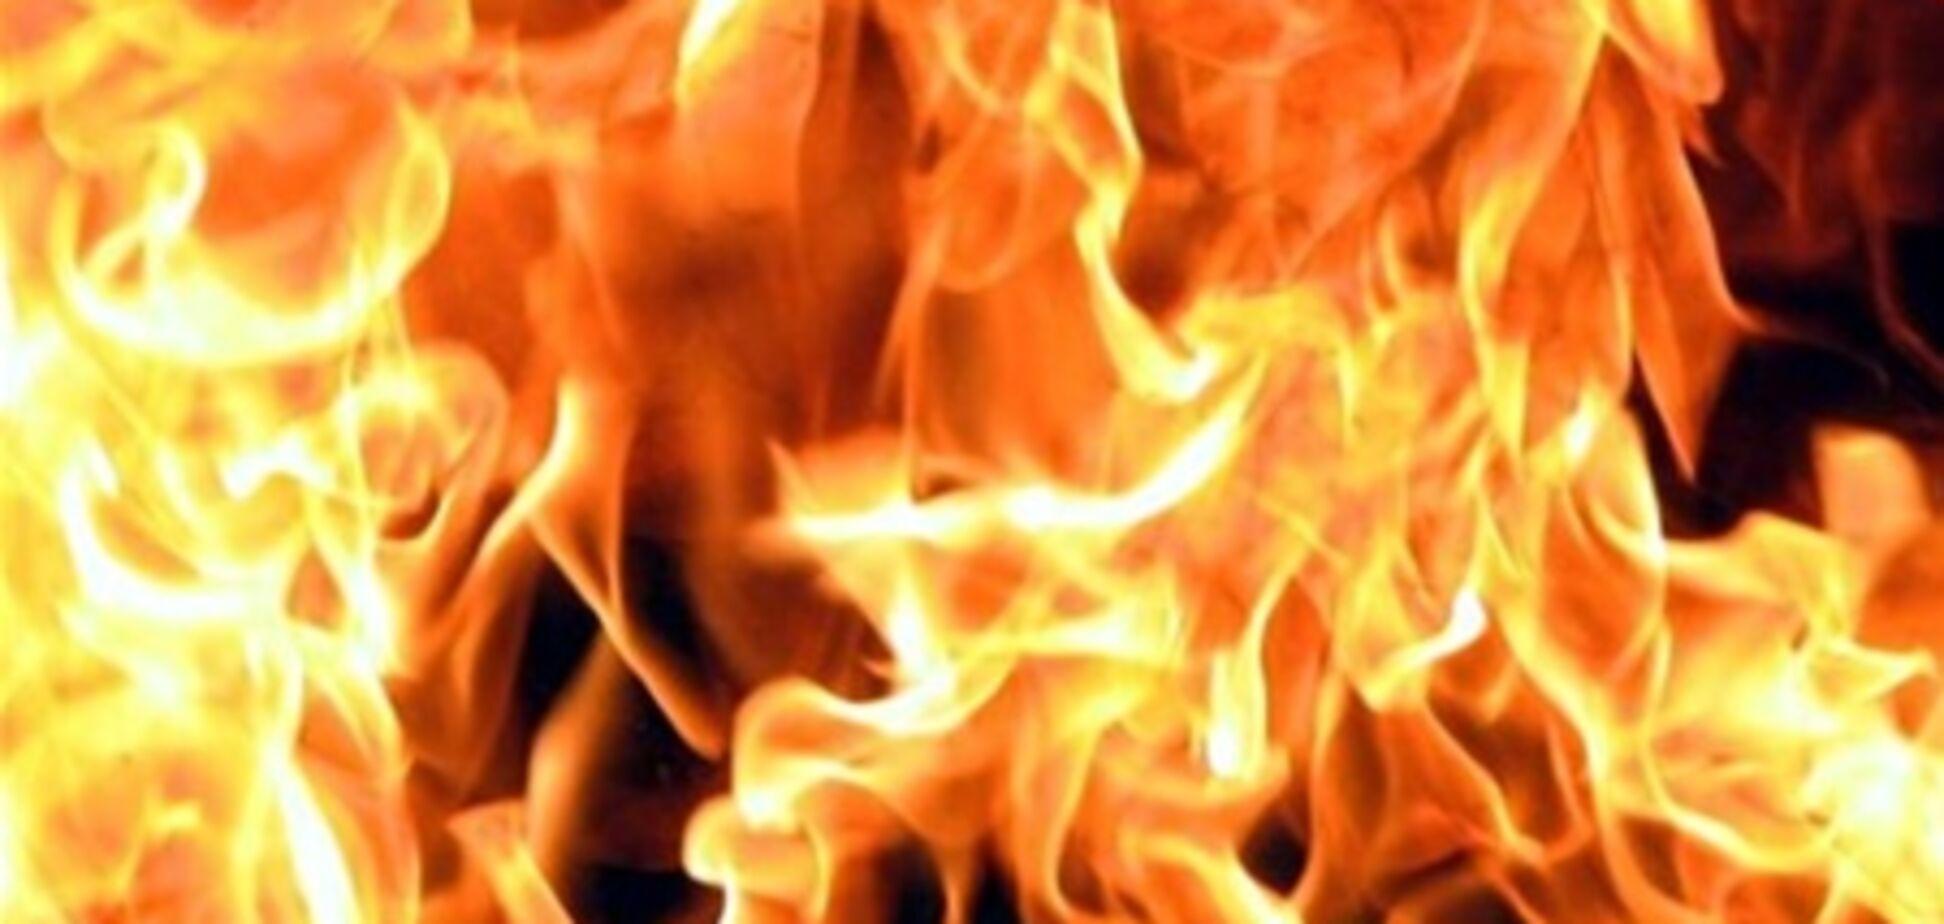 Пожежа знищила 300 тисяч літрів вина